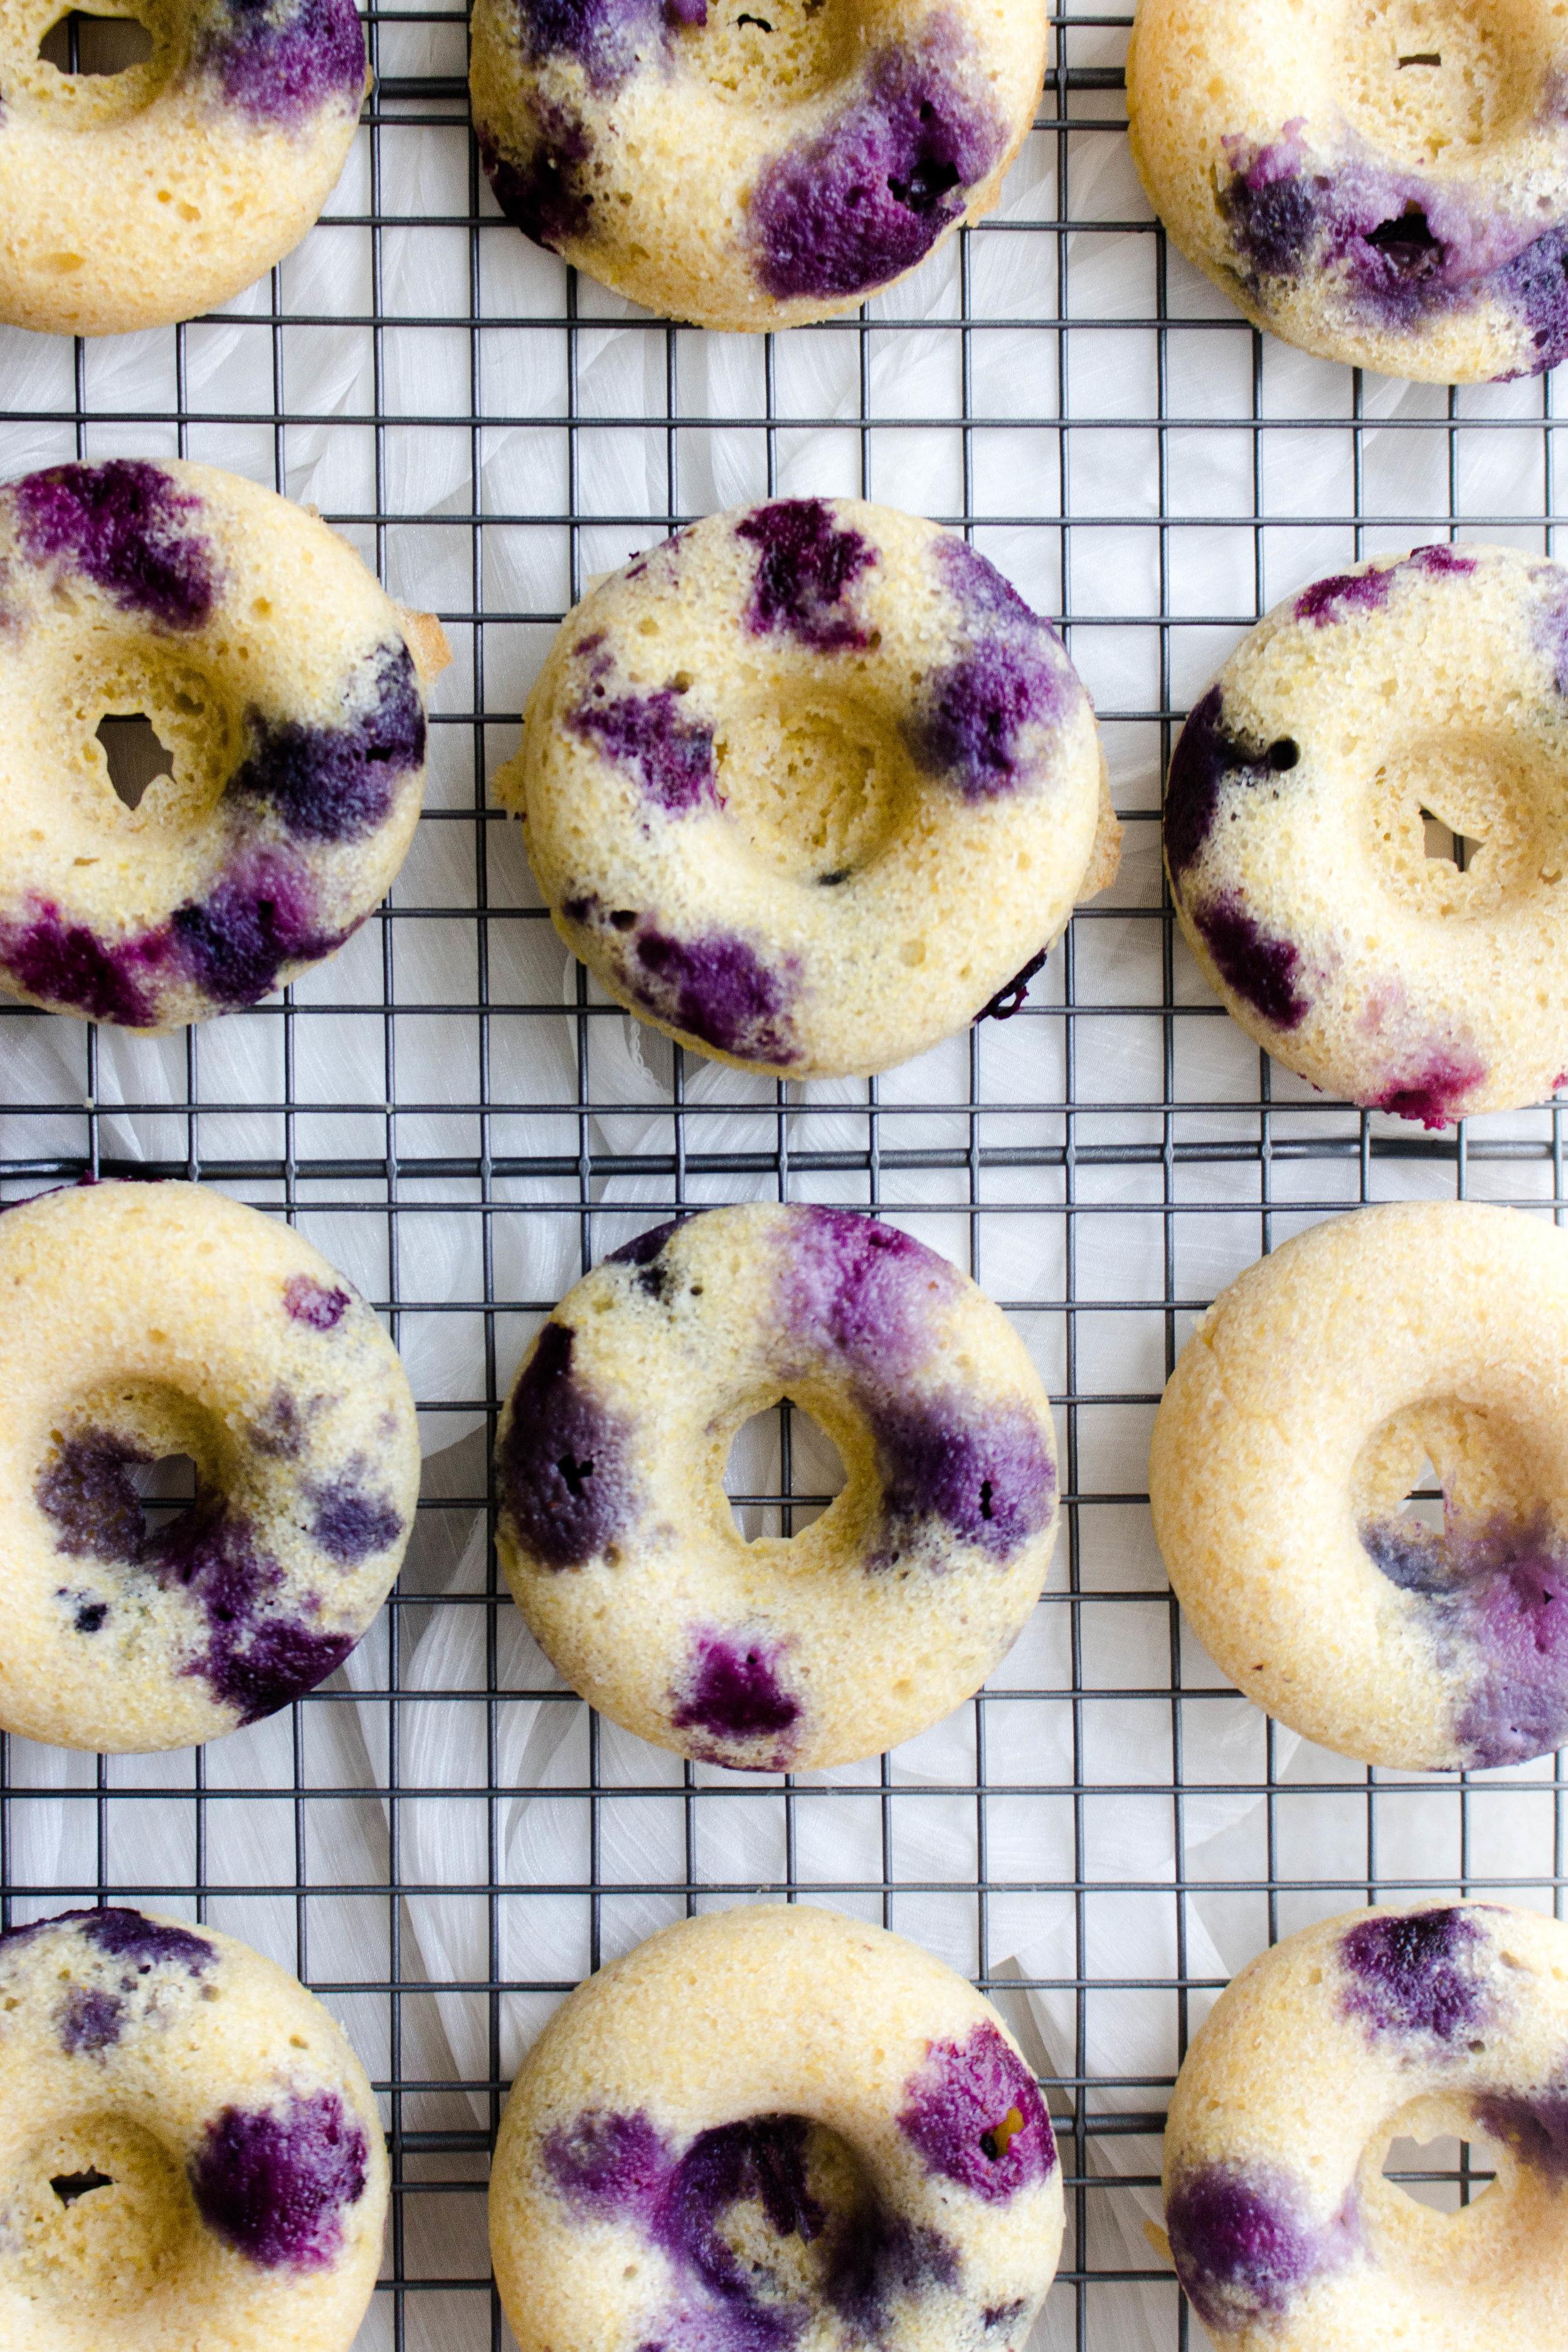 baked blueberry lemon cornmeal donuts-8.jpg